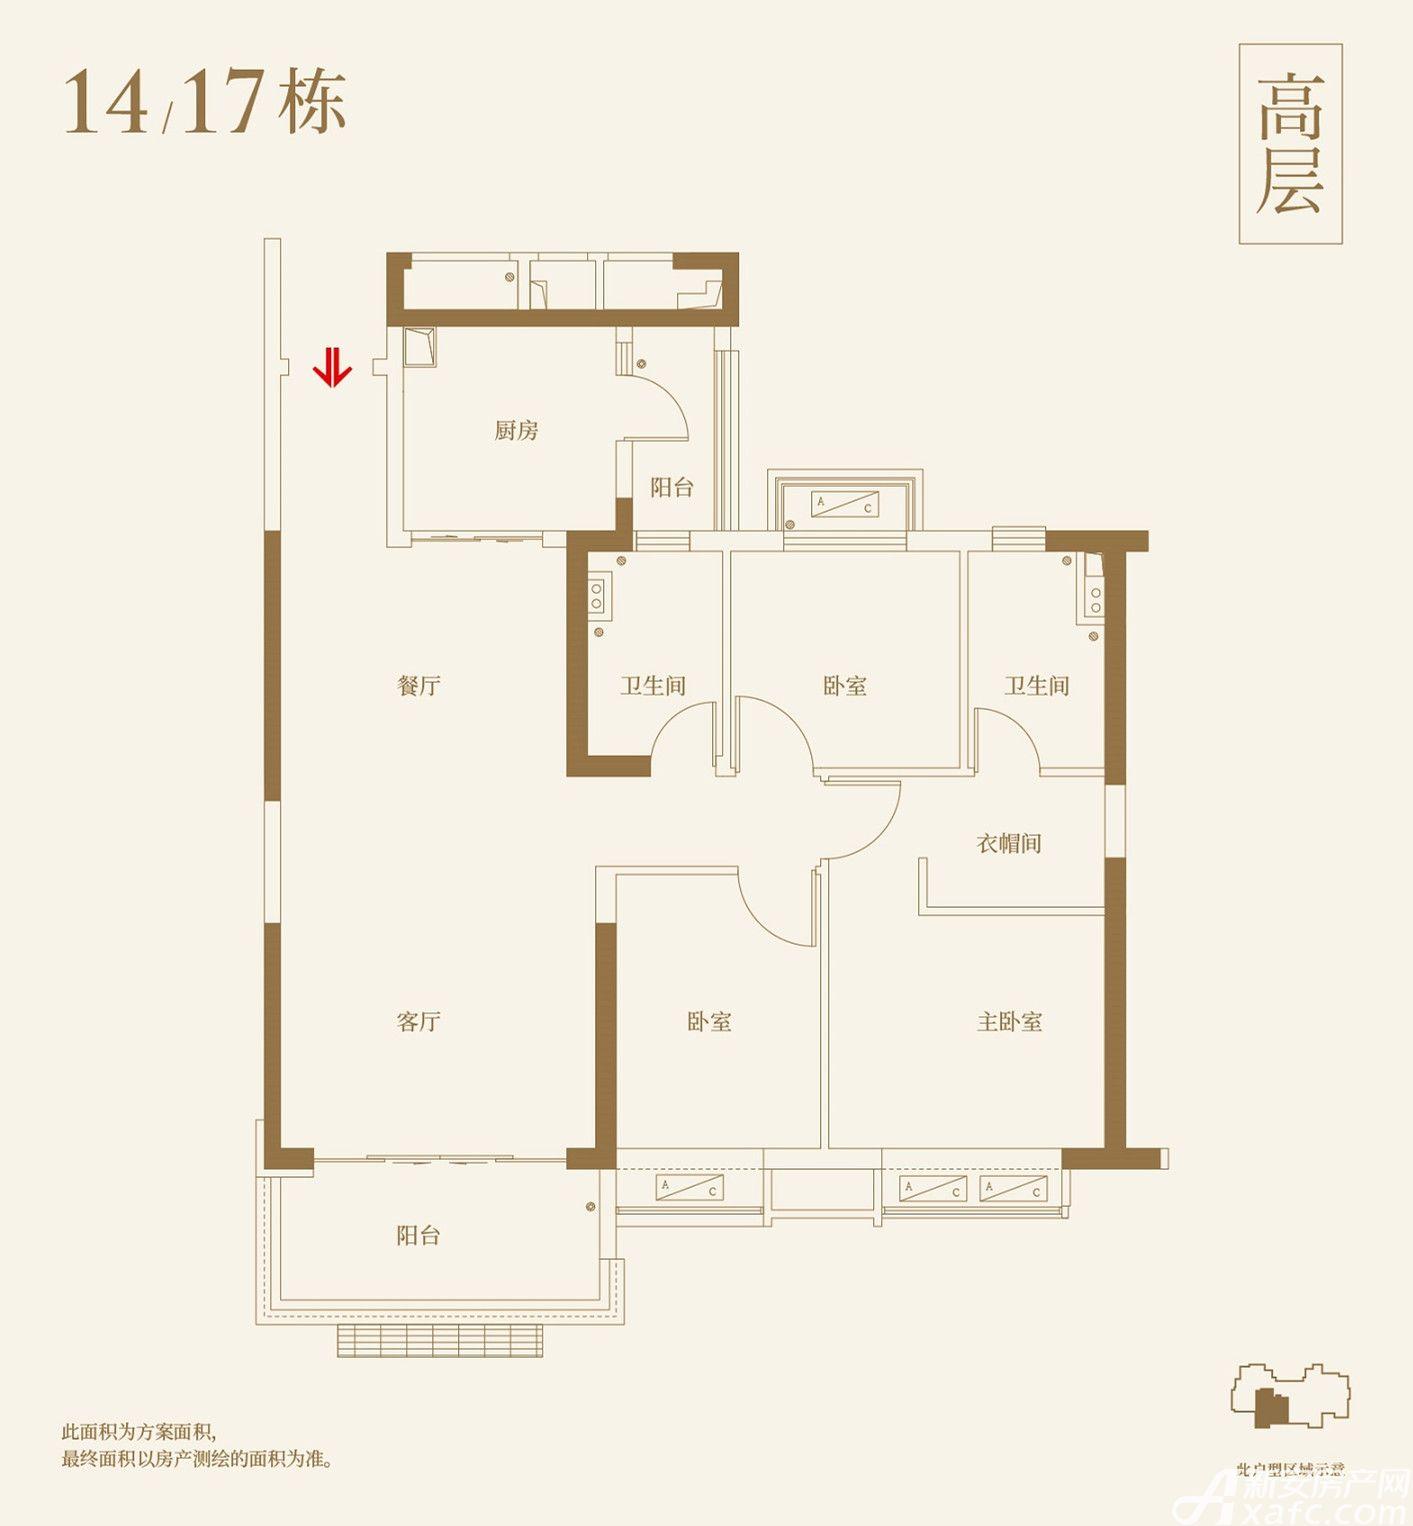 恒大御府14、17#B3室2厅119.09平米